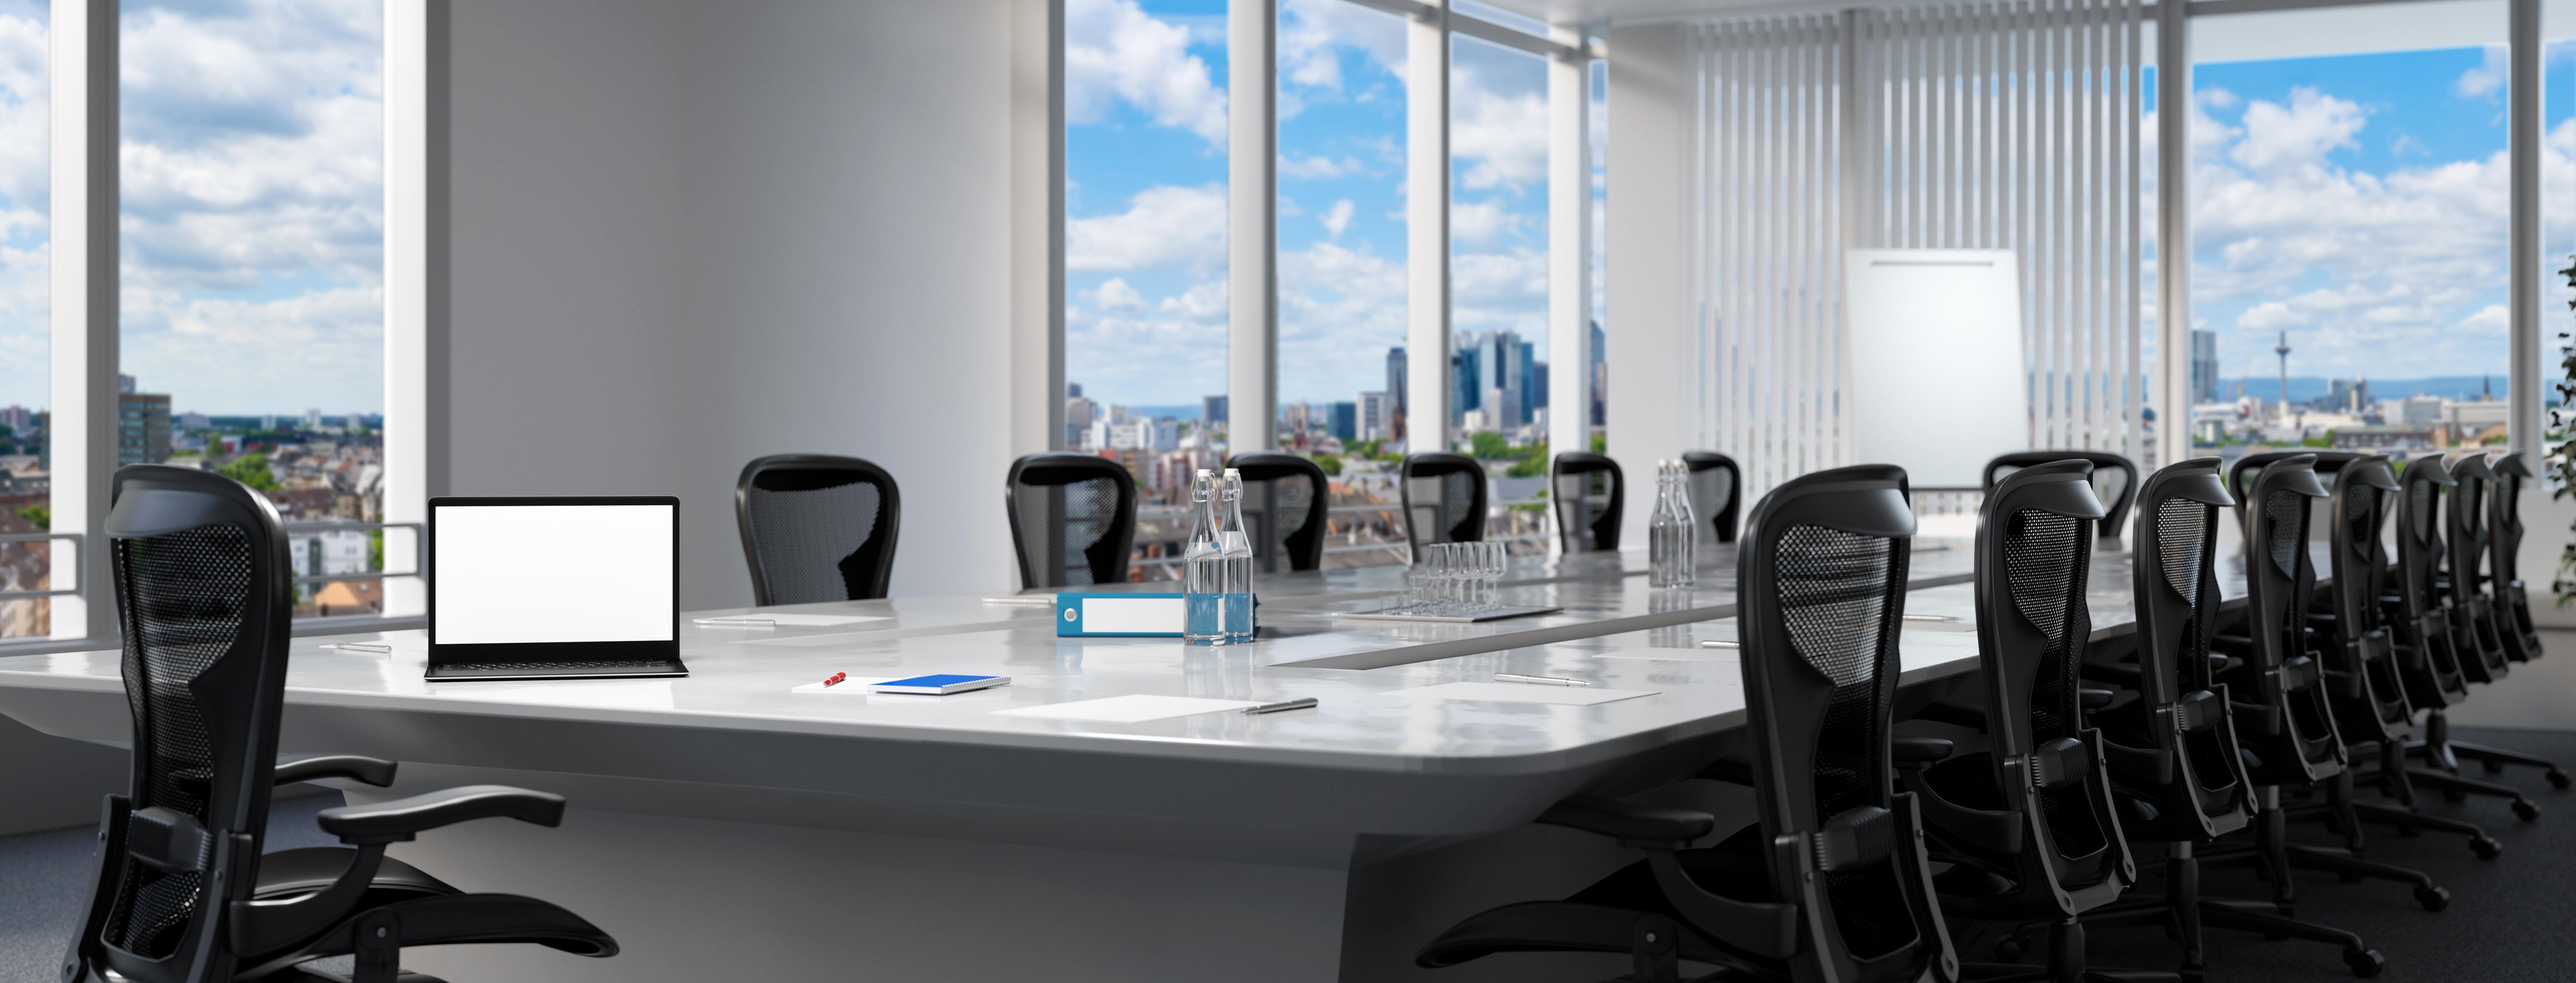 Разработка корпоративной стратегии для определения видения и инвестиционных приоритетов многопрофильной группы компаний